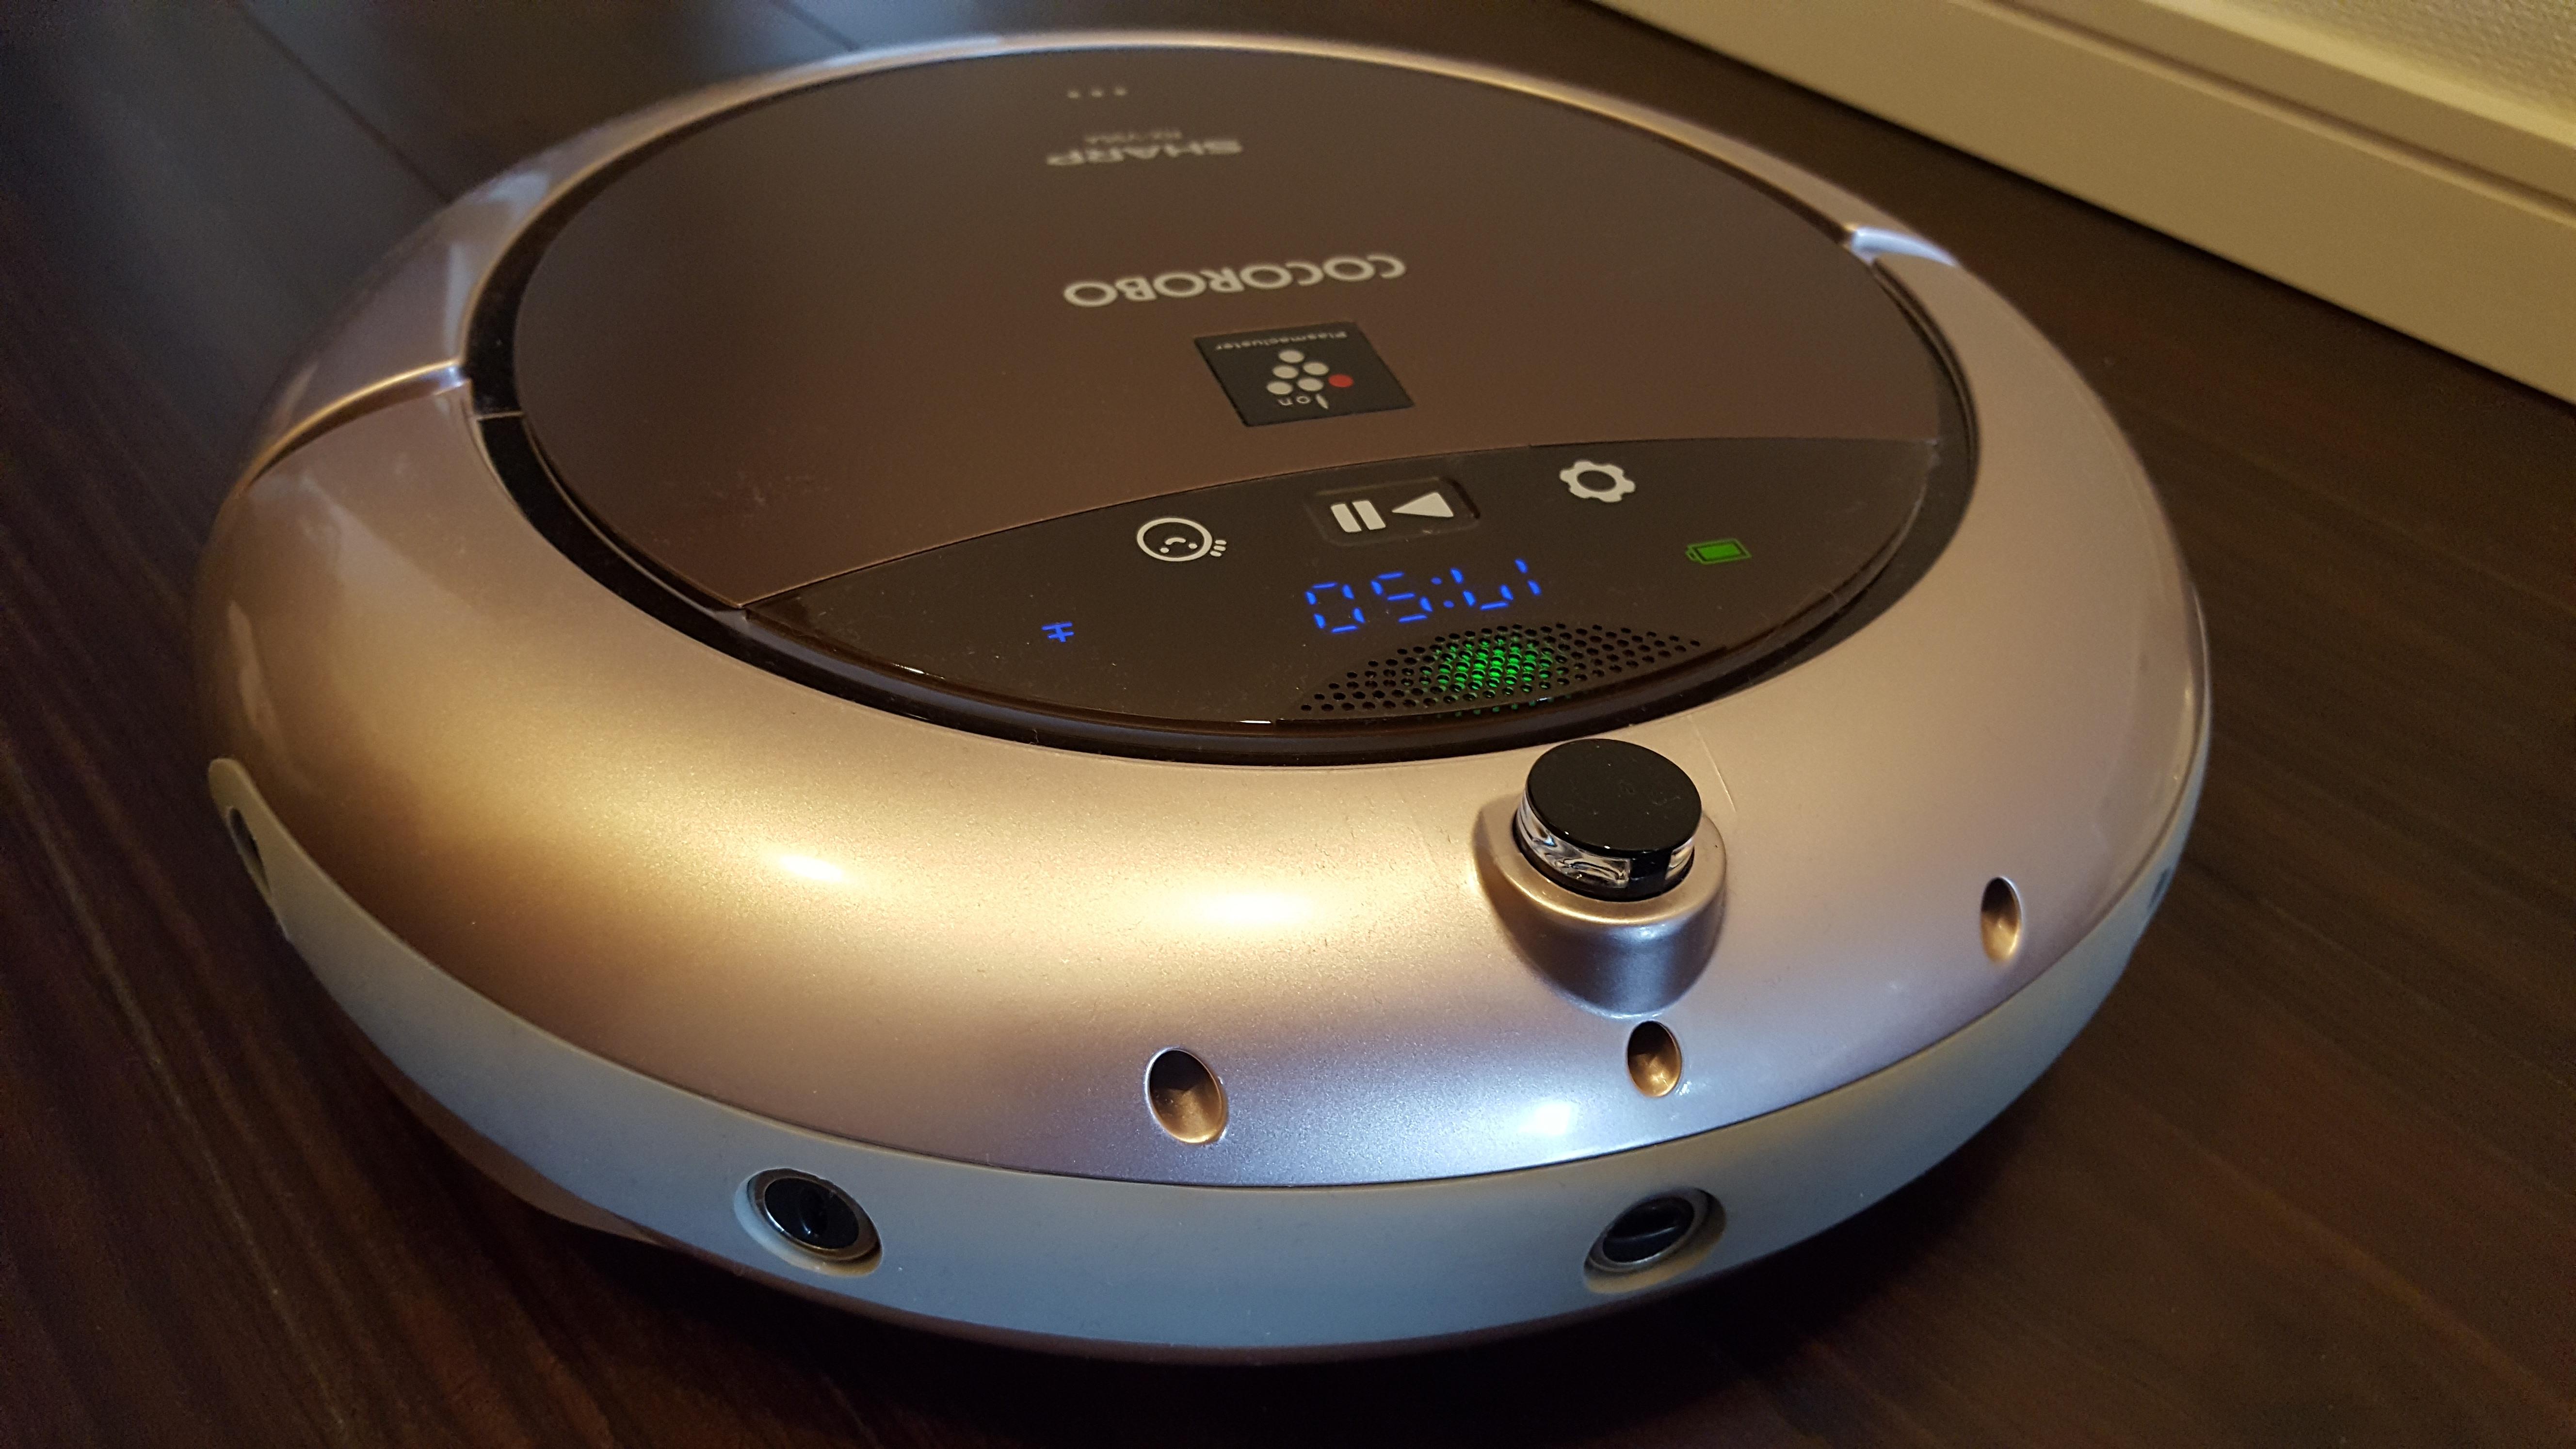 シャープ ココロボ、エレクトロラックスロボット掃除機の比較口コミ(レビュー) その2